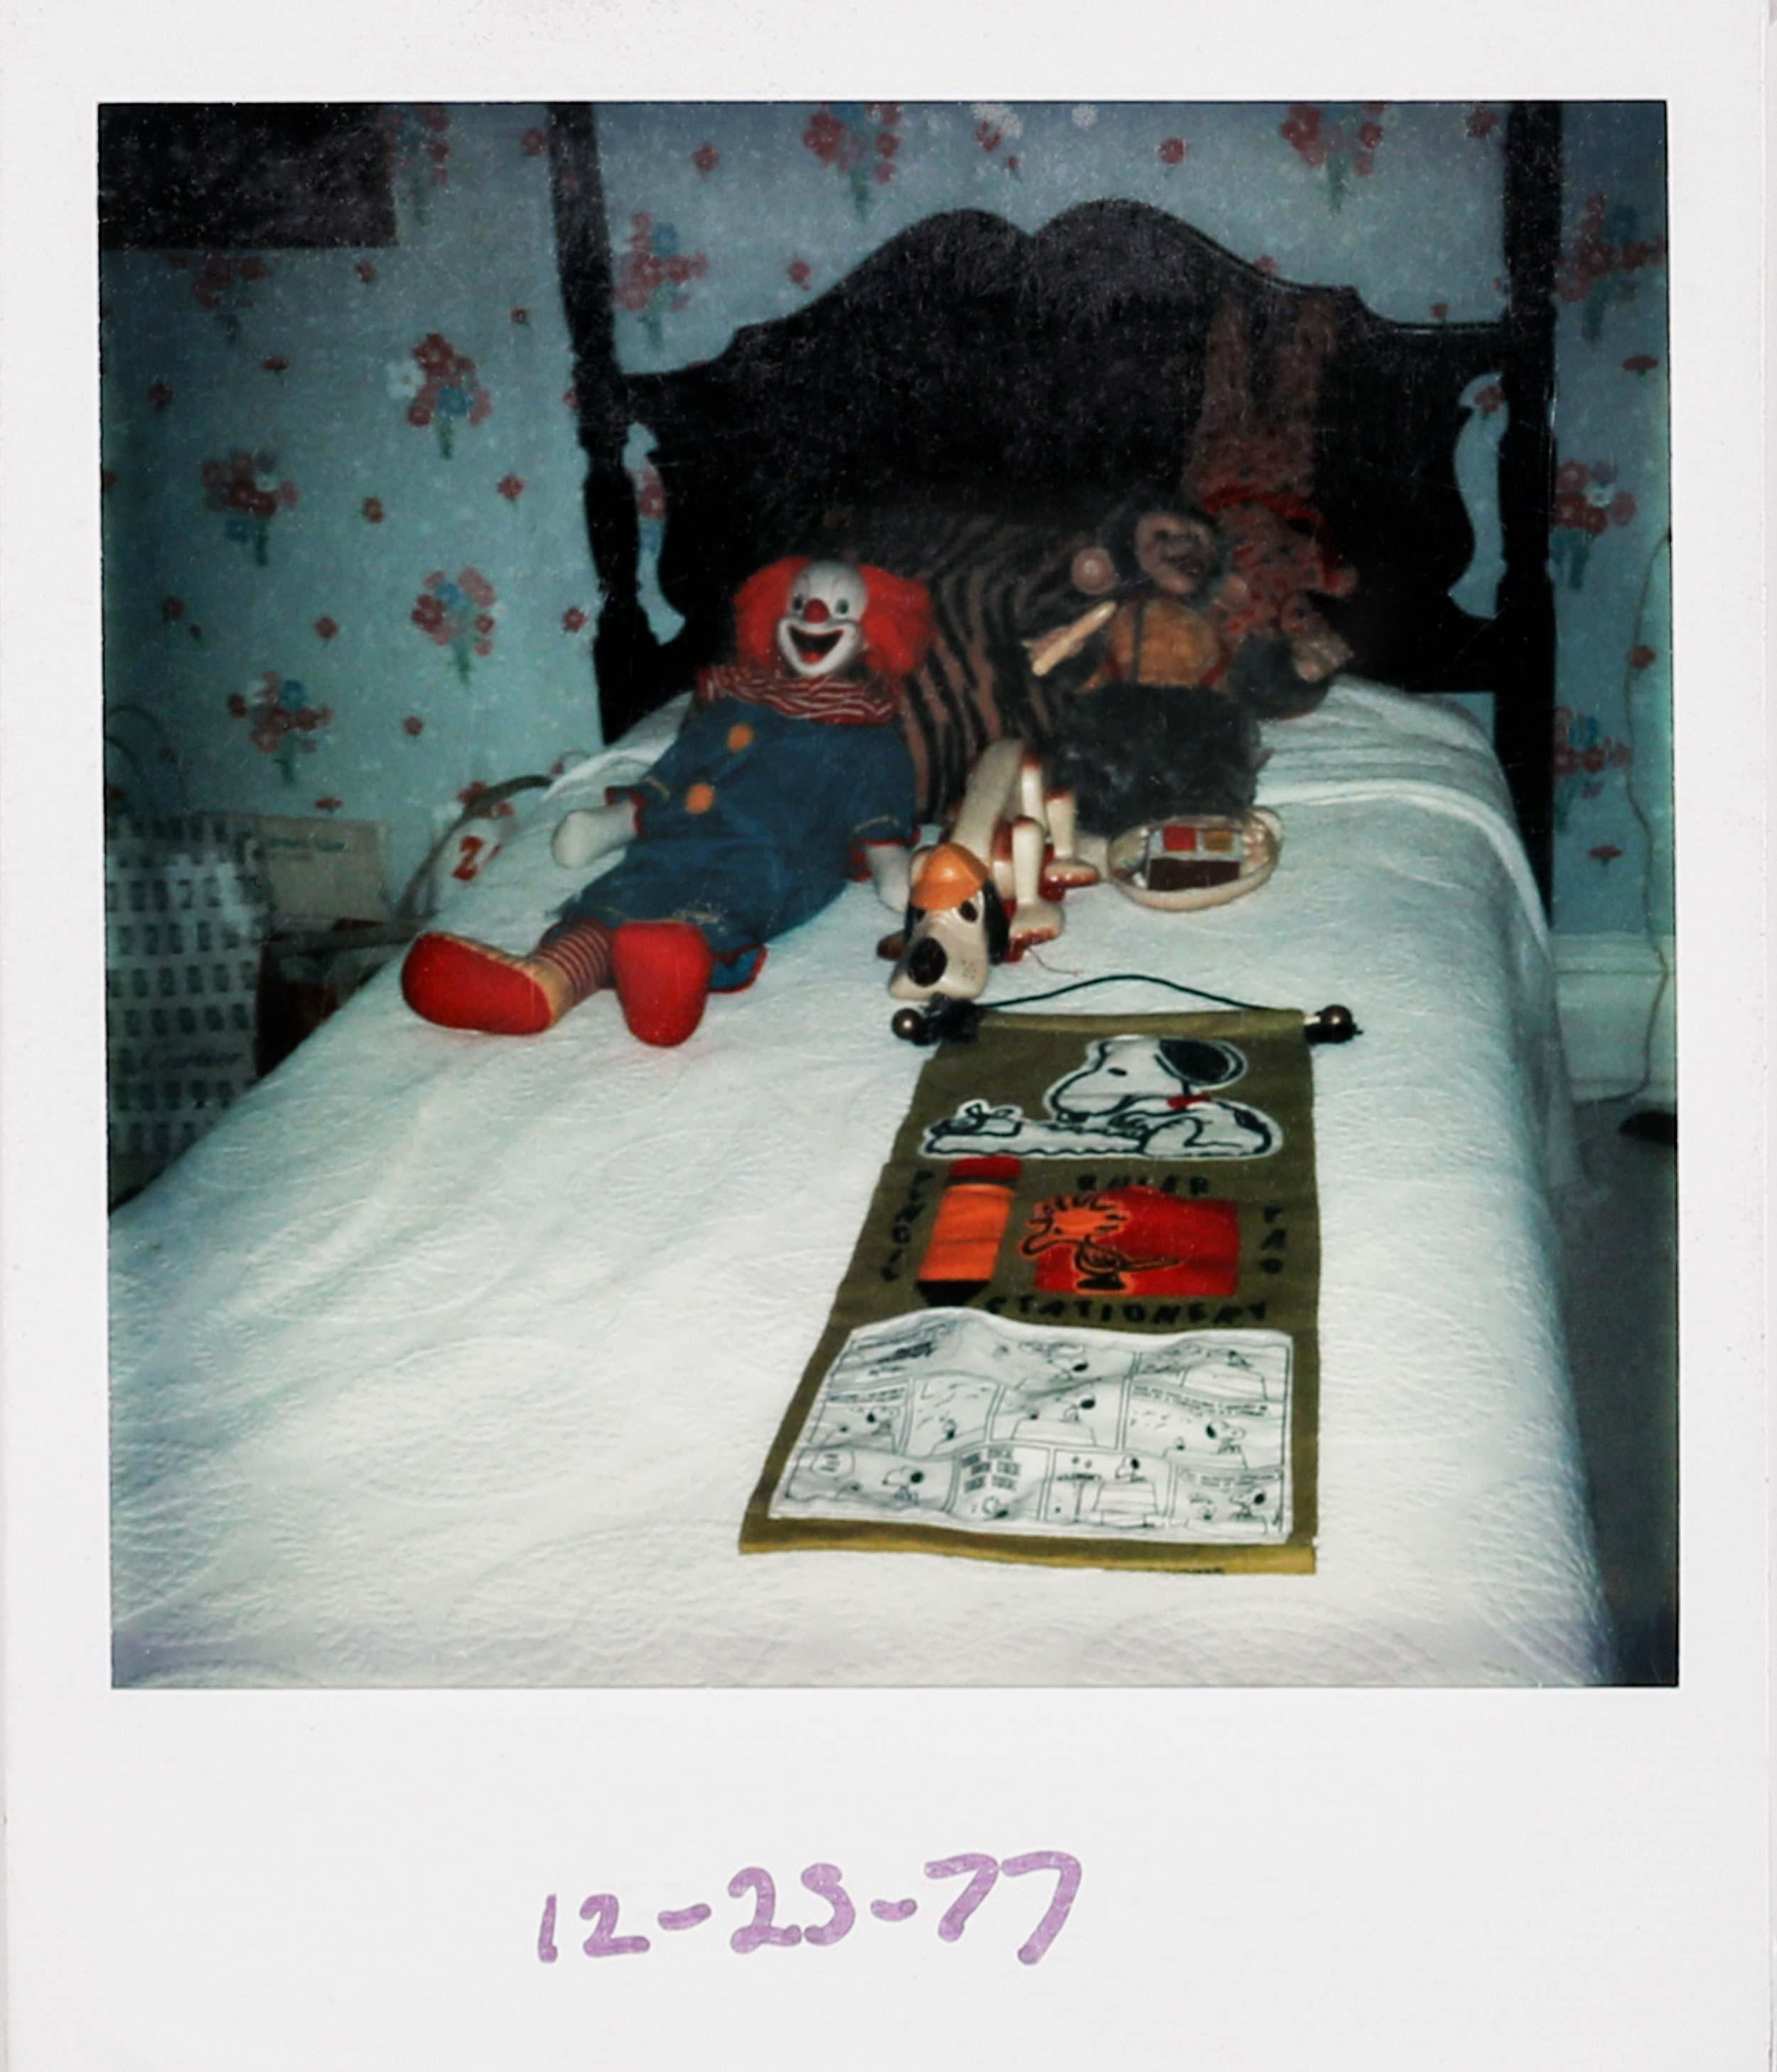 clown-1T4A7567.jpg